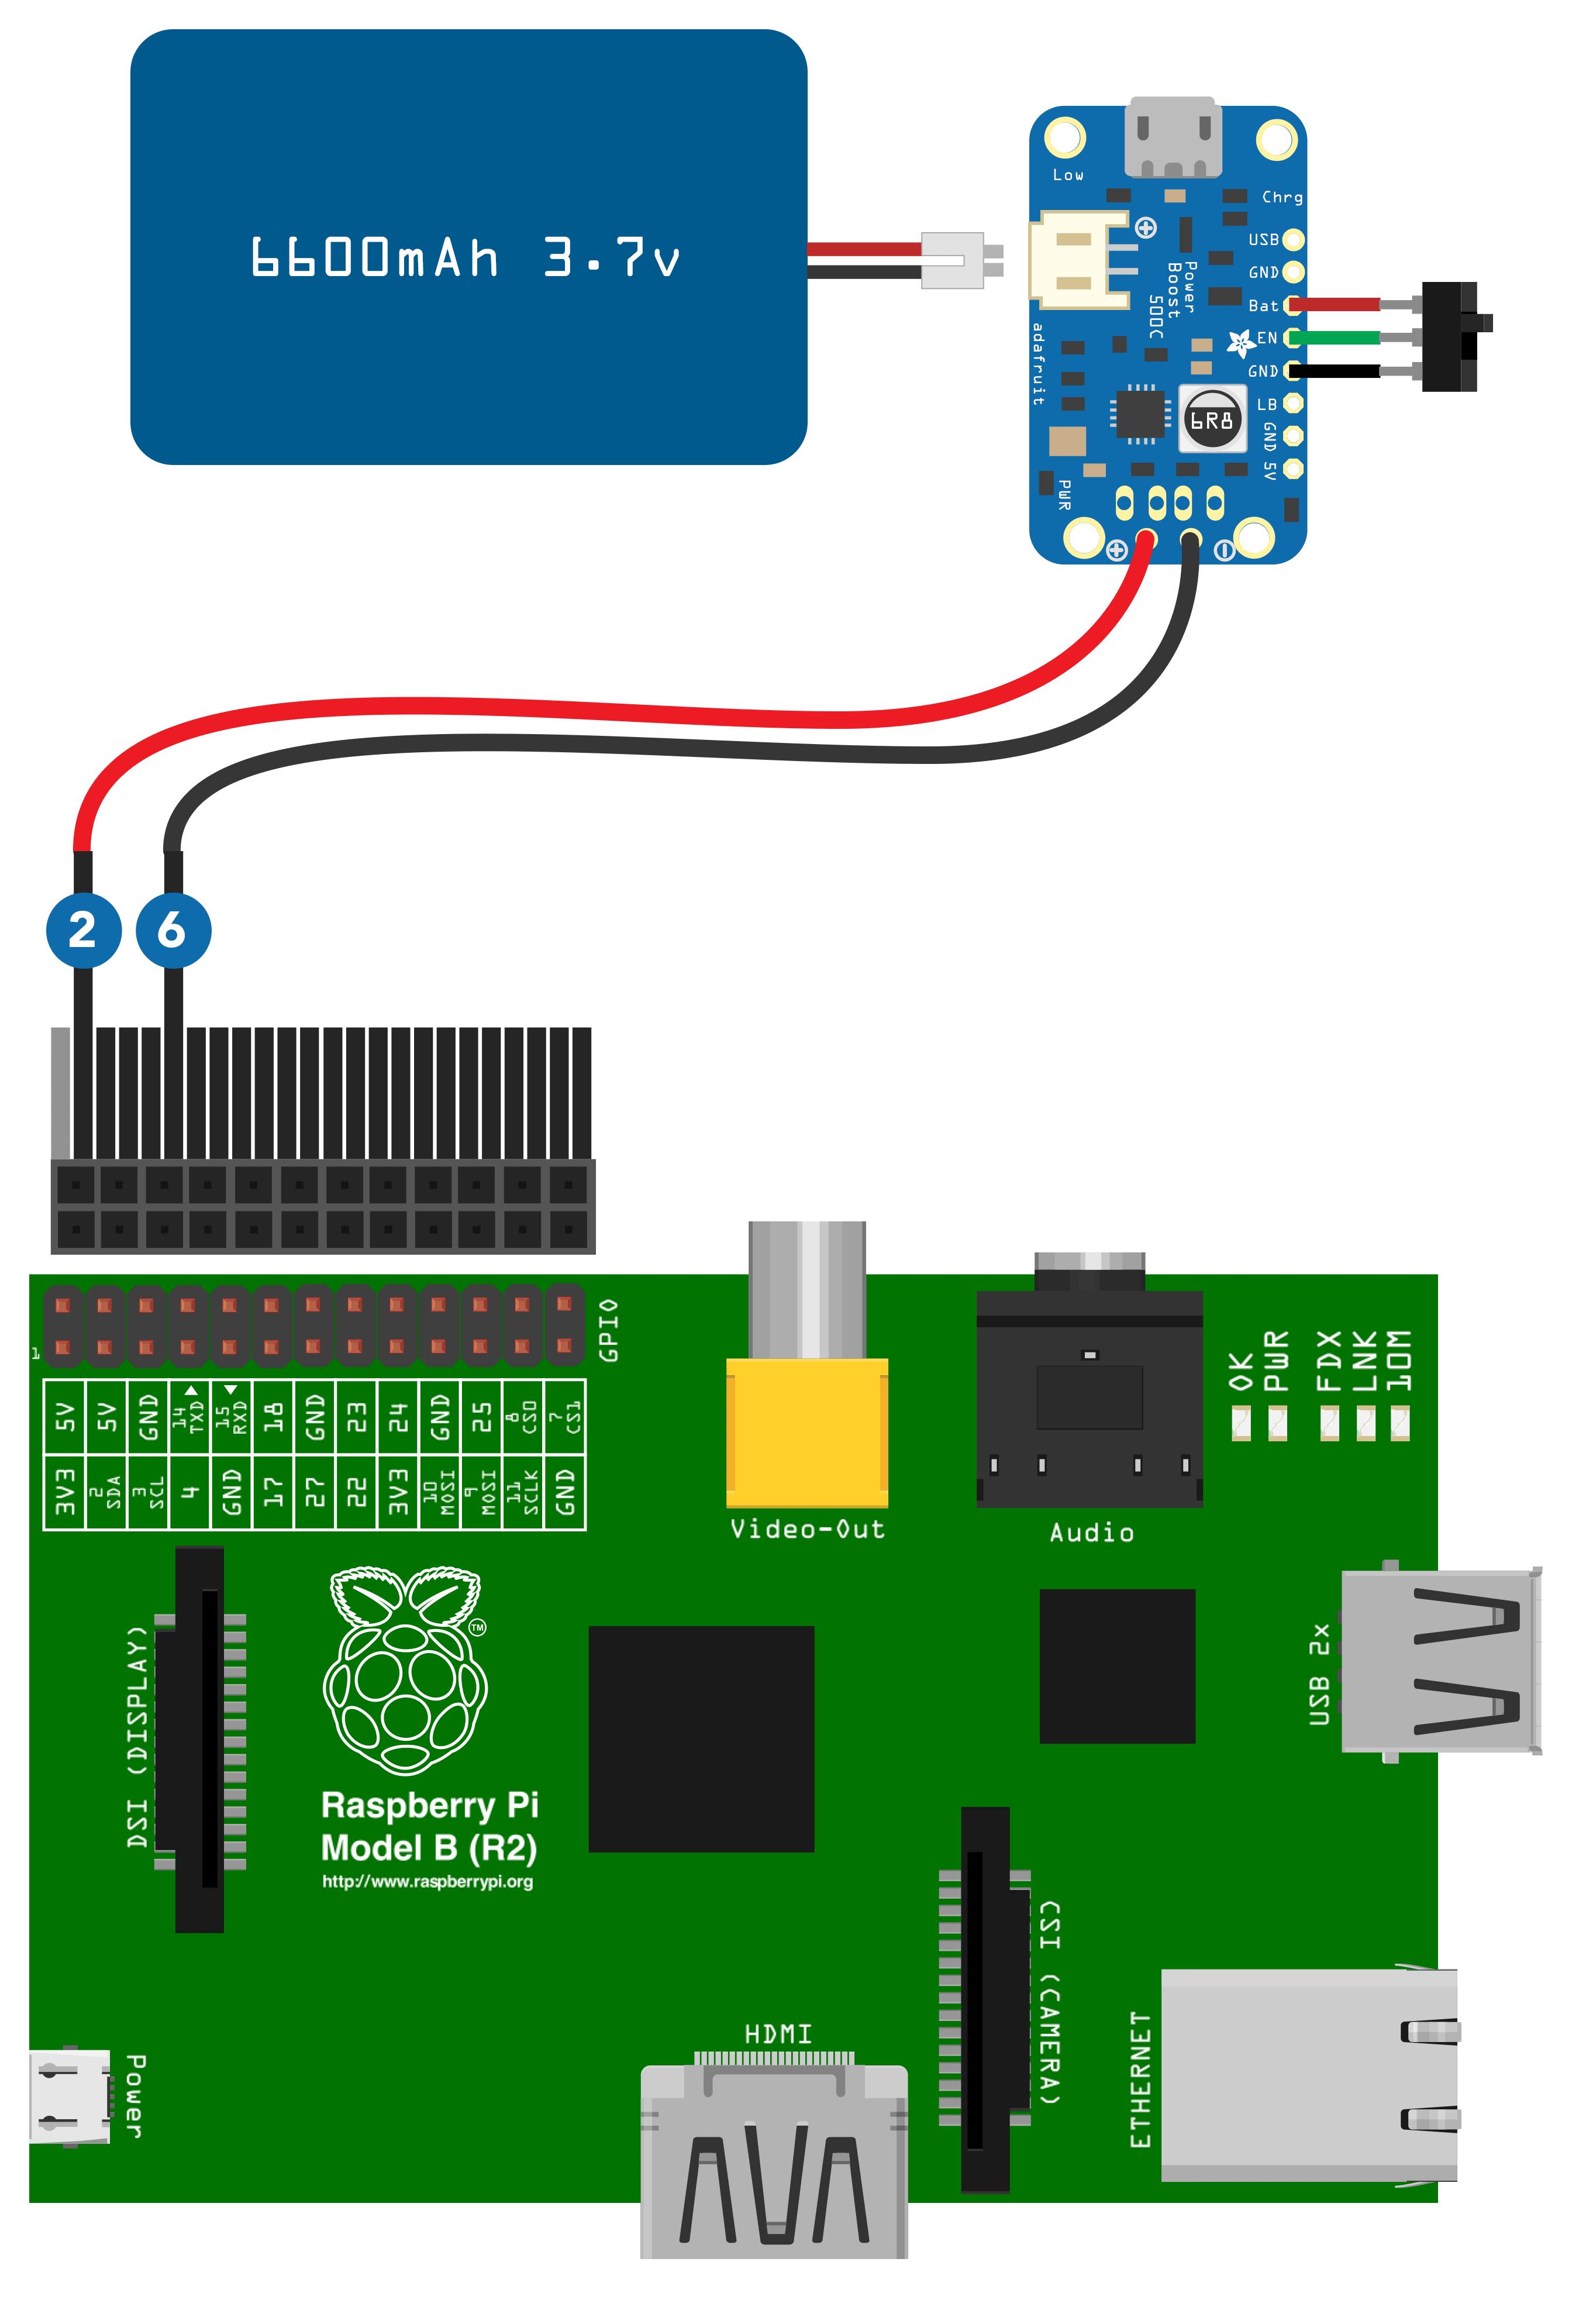 raspberry_pi_circuit-diagram.png